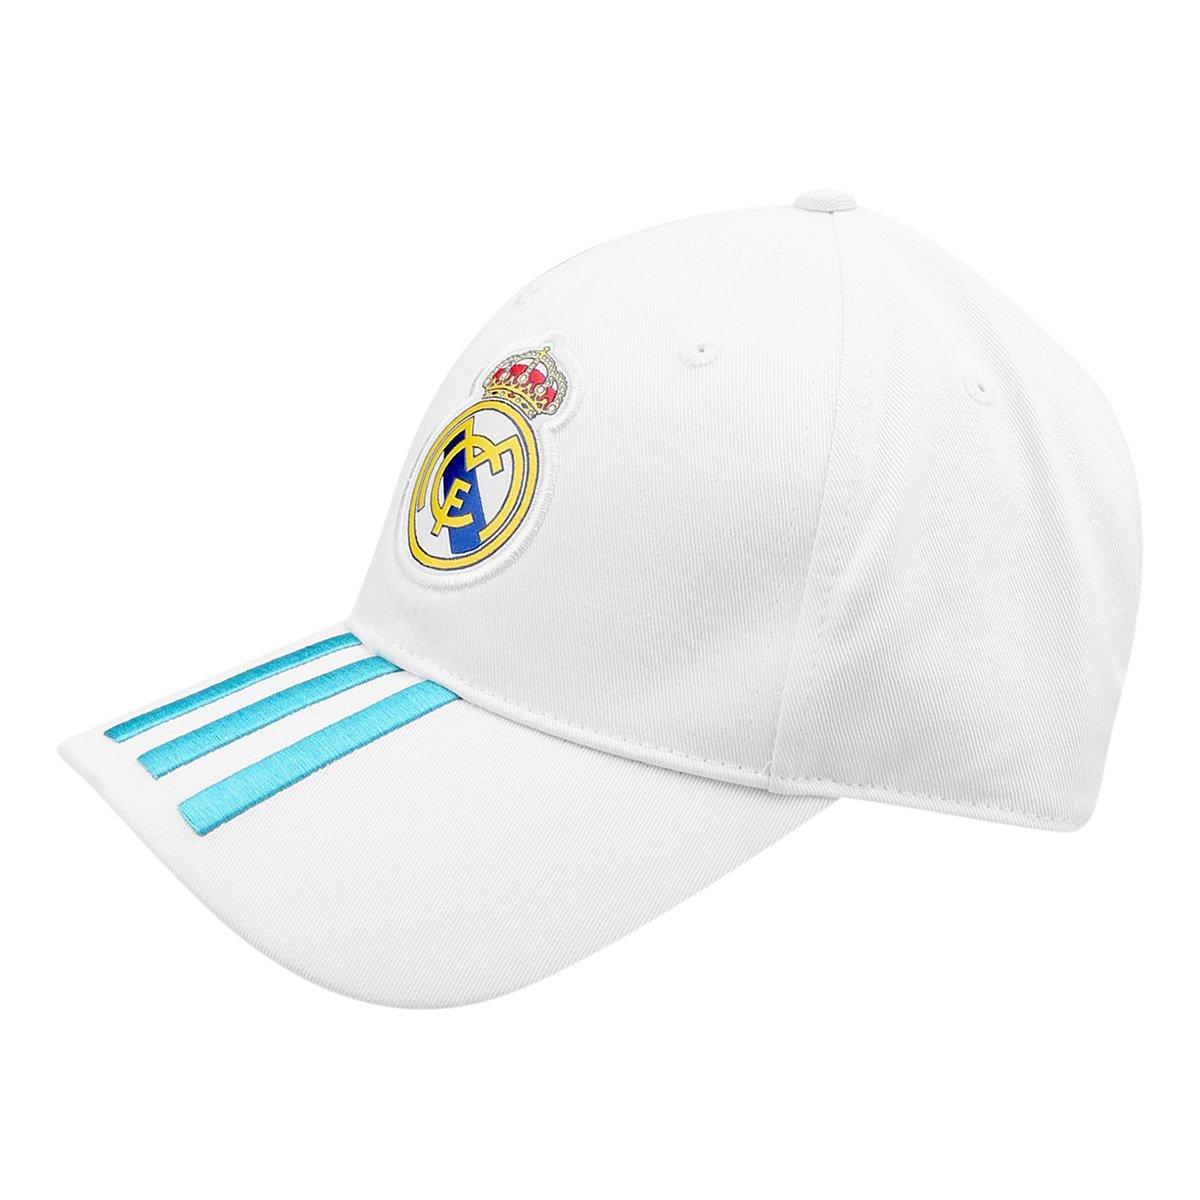 02e6362e98 Boné Adidas Real Madrid Aba Curva 3S Masculino | Netshoes